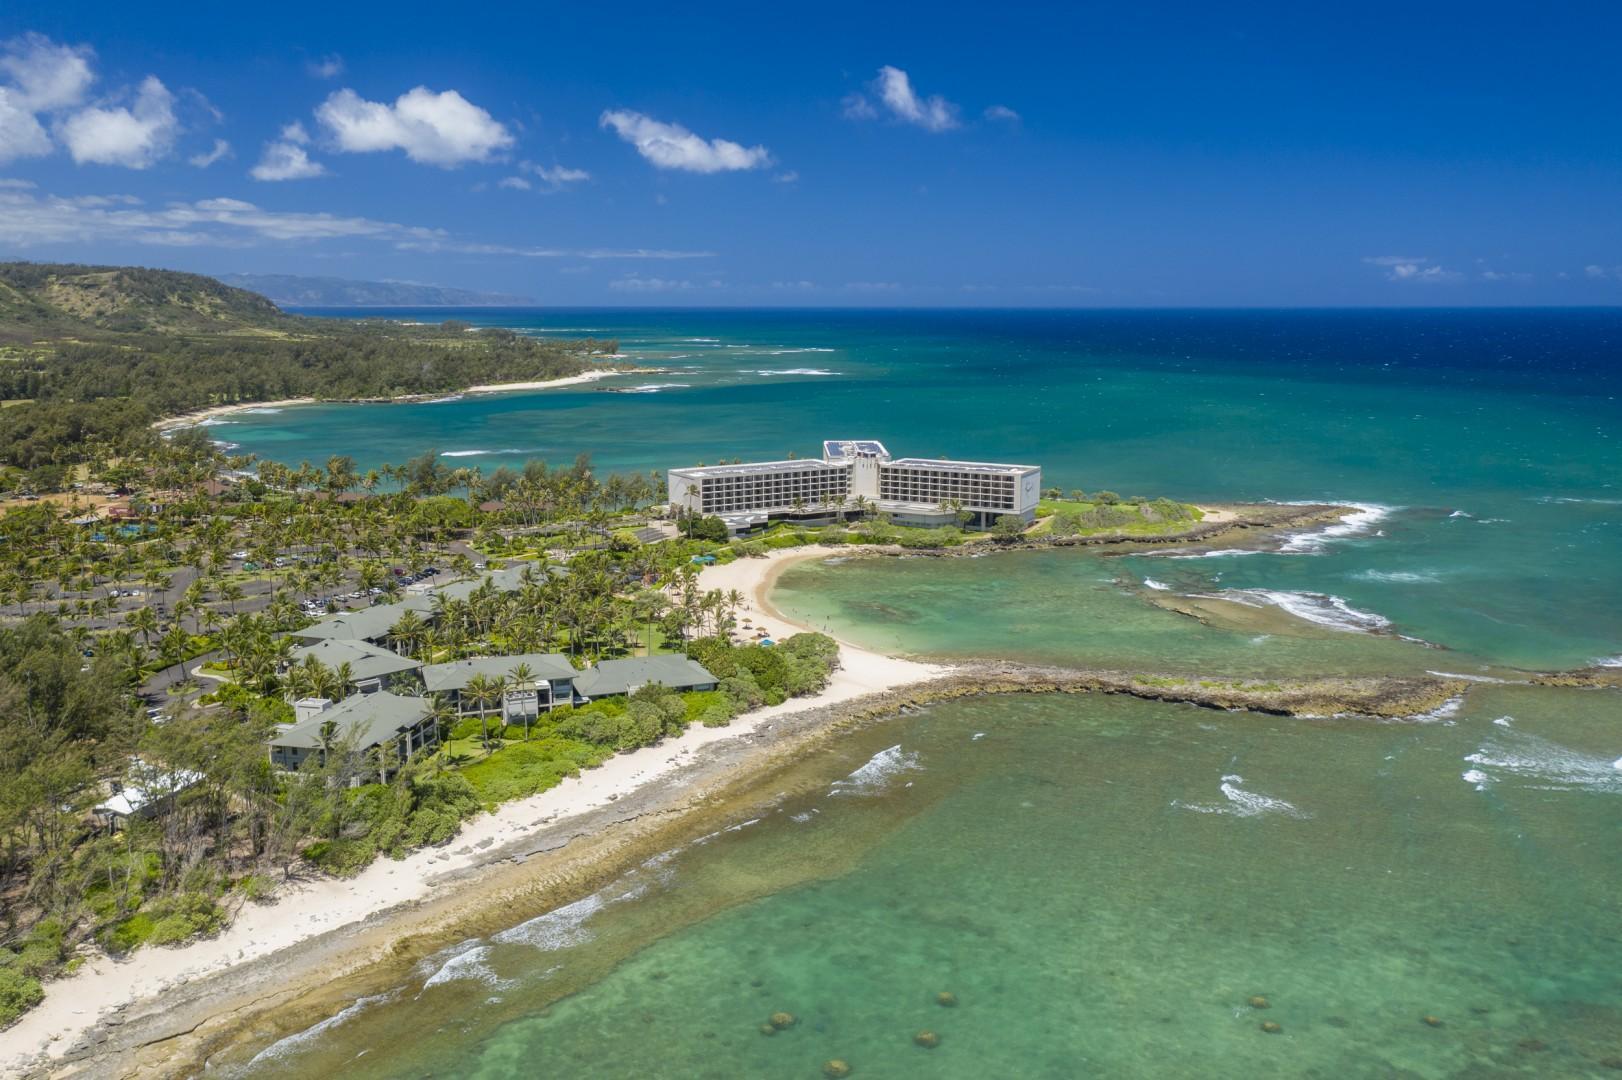 Ocean Villas & Turtle Bay Resort